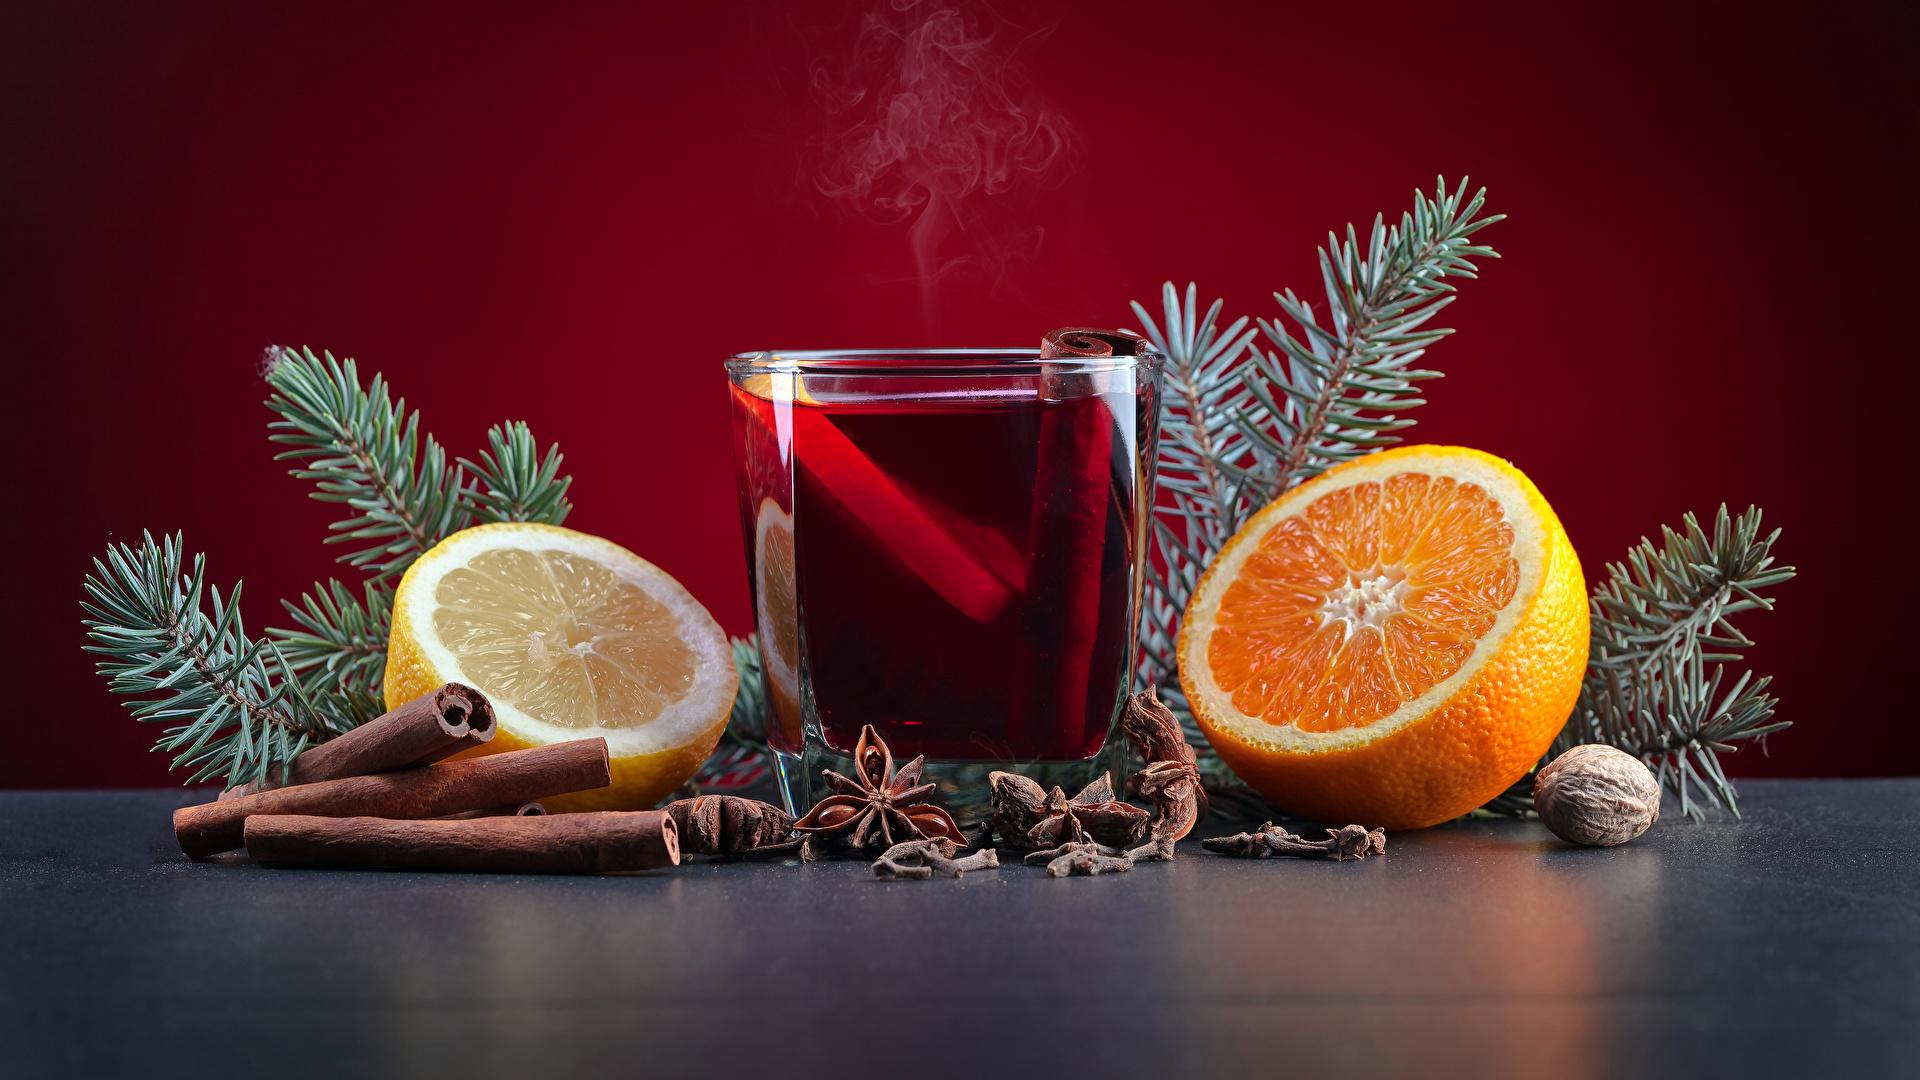 Картинка Новый год Апельсин Бадьян звезда аниса Стакан Лимоны Корица Еда Орехи Напитки 1920x1080 Рождество стакана стакане Пища Продукты питания